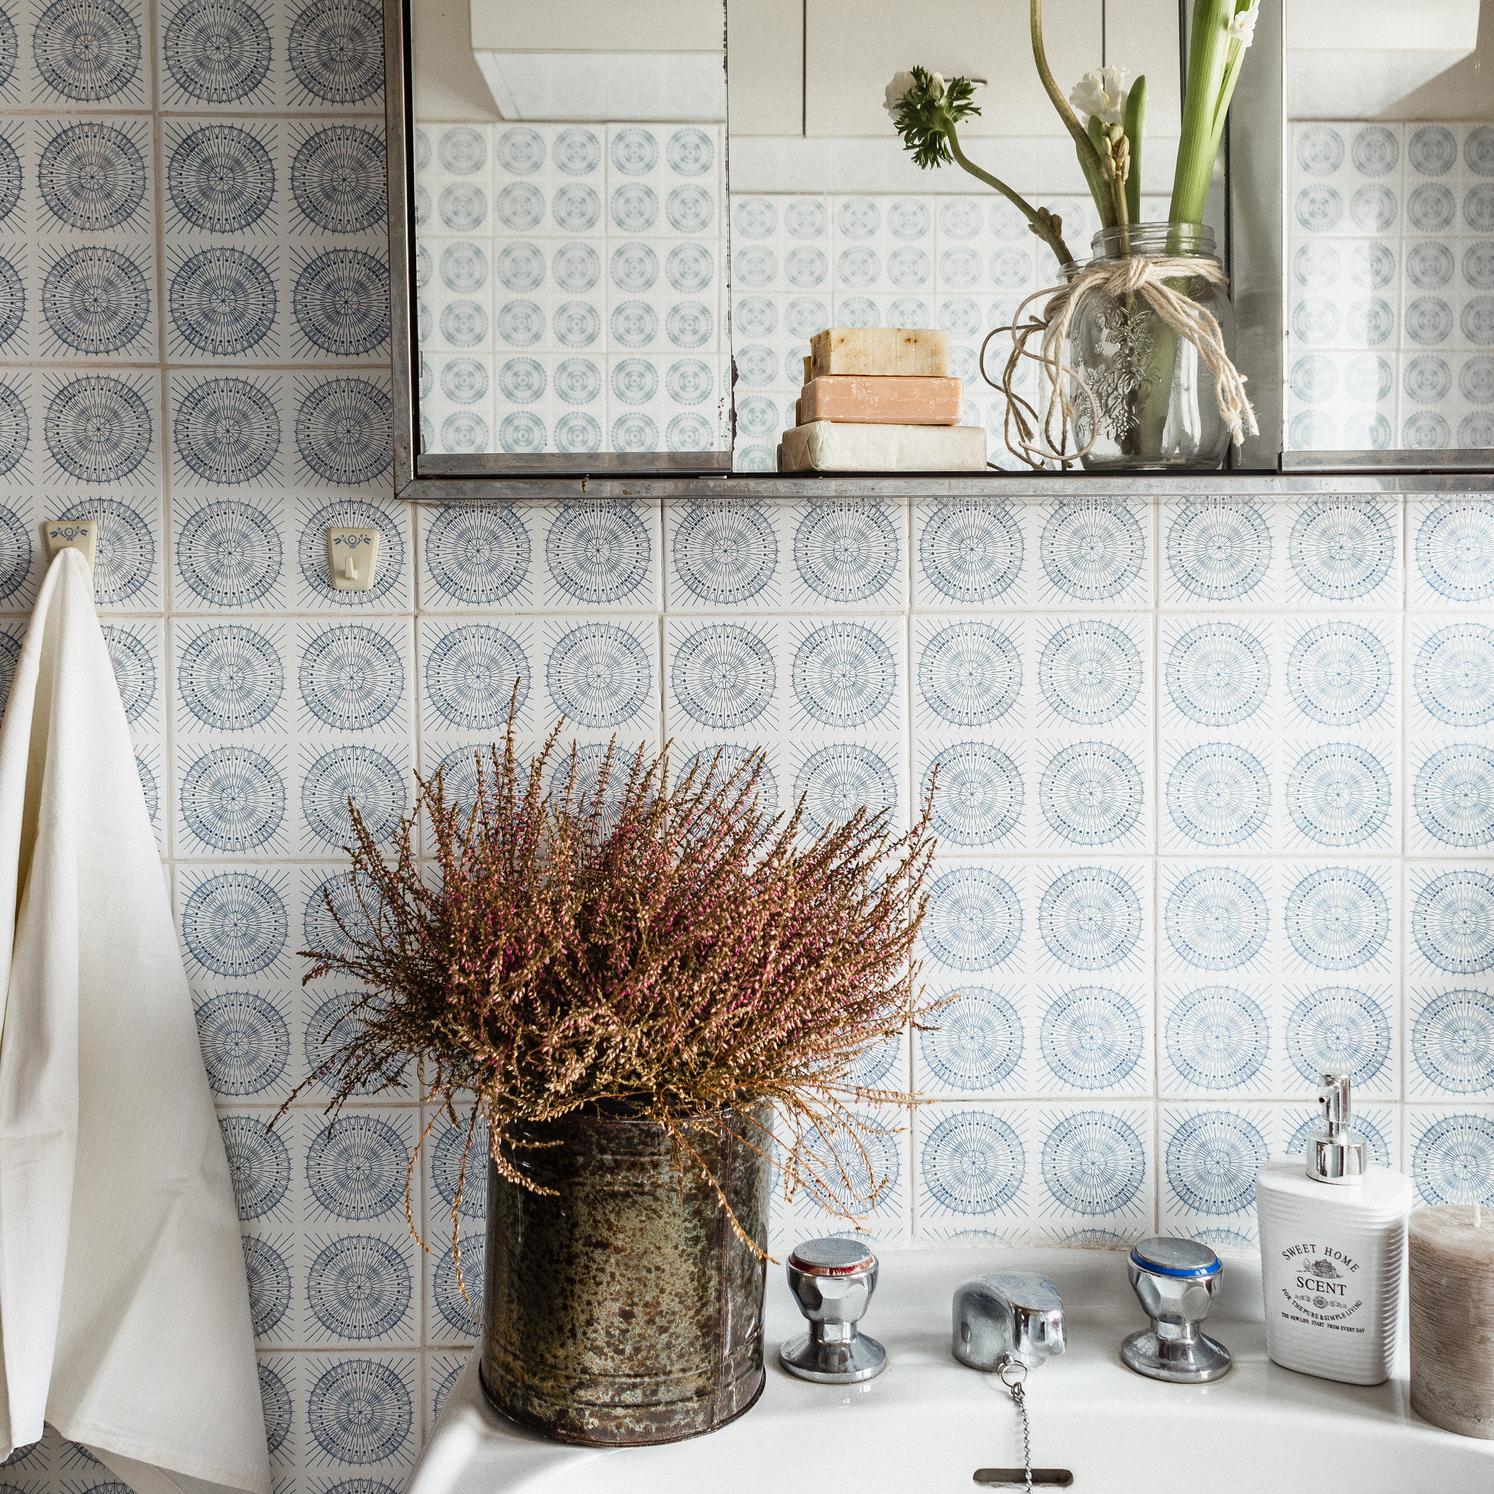 Fotografia di interni - Bagno rustico con erica e saponette